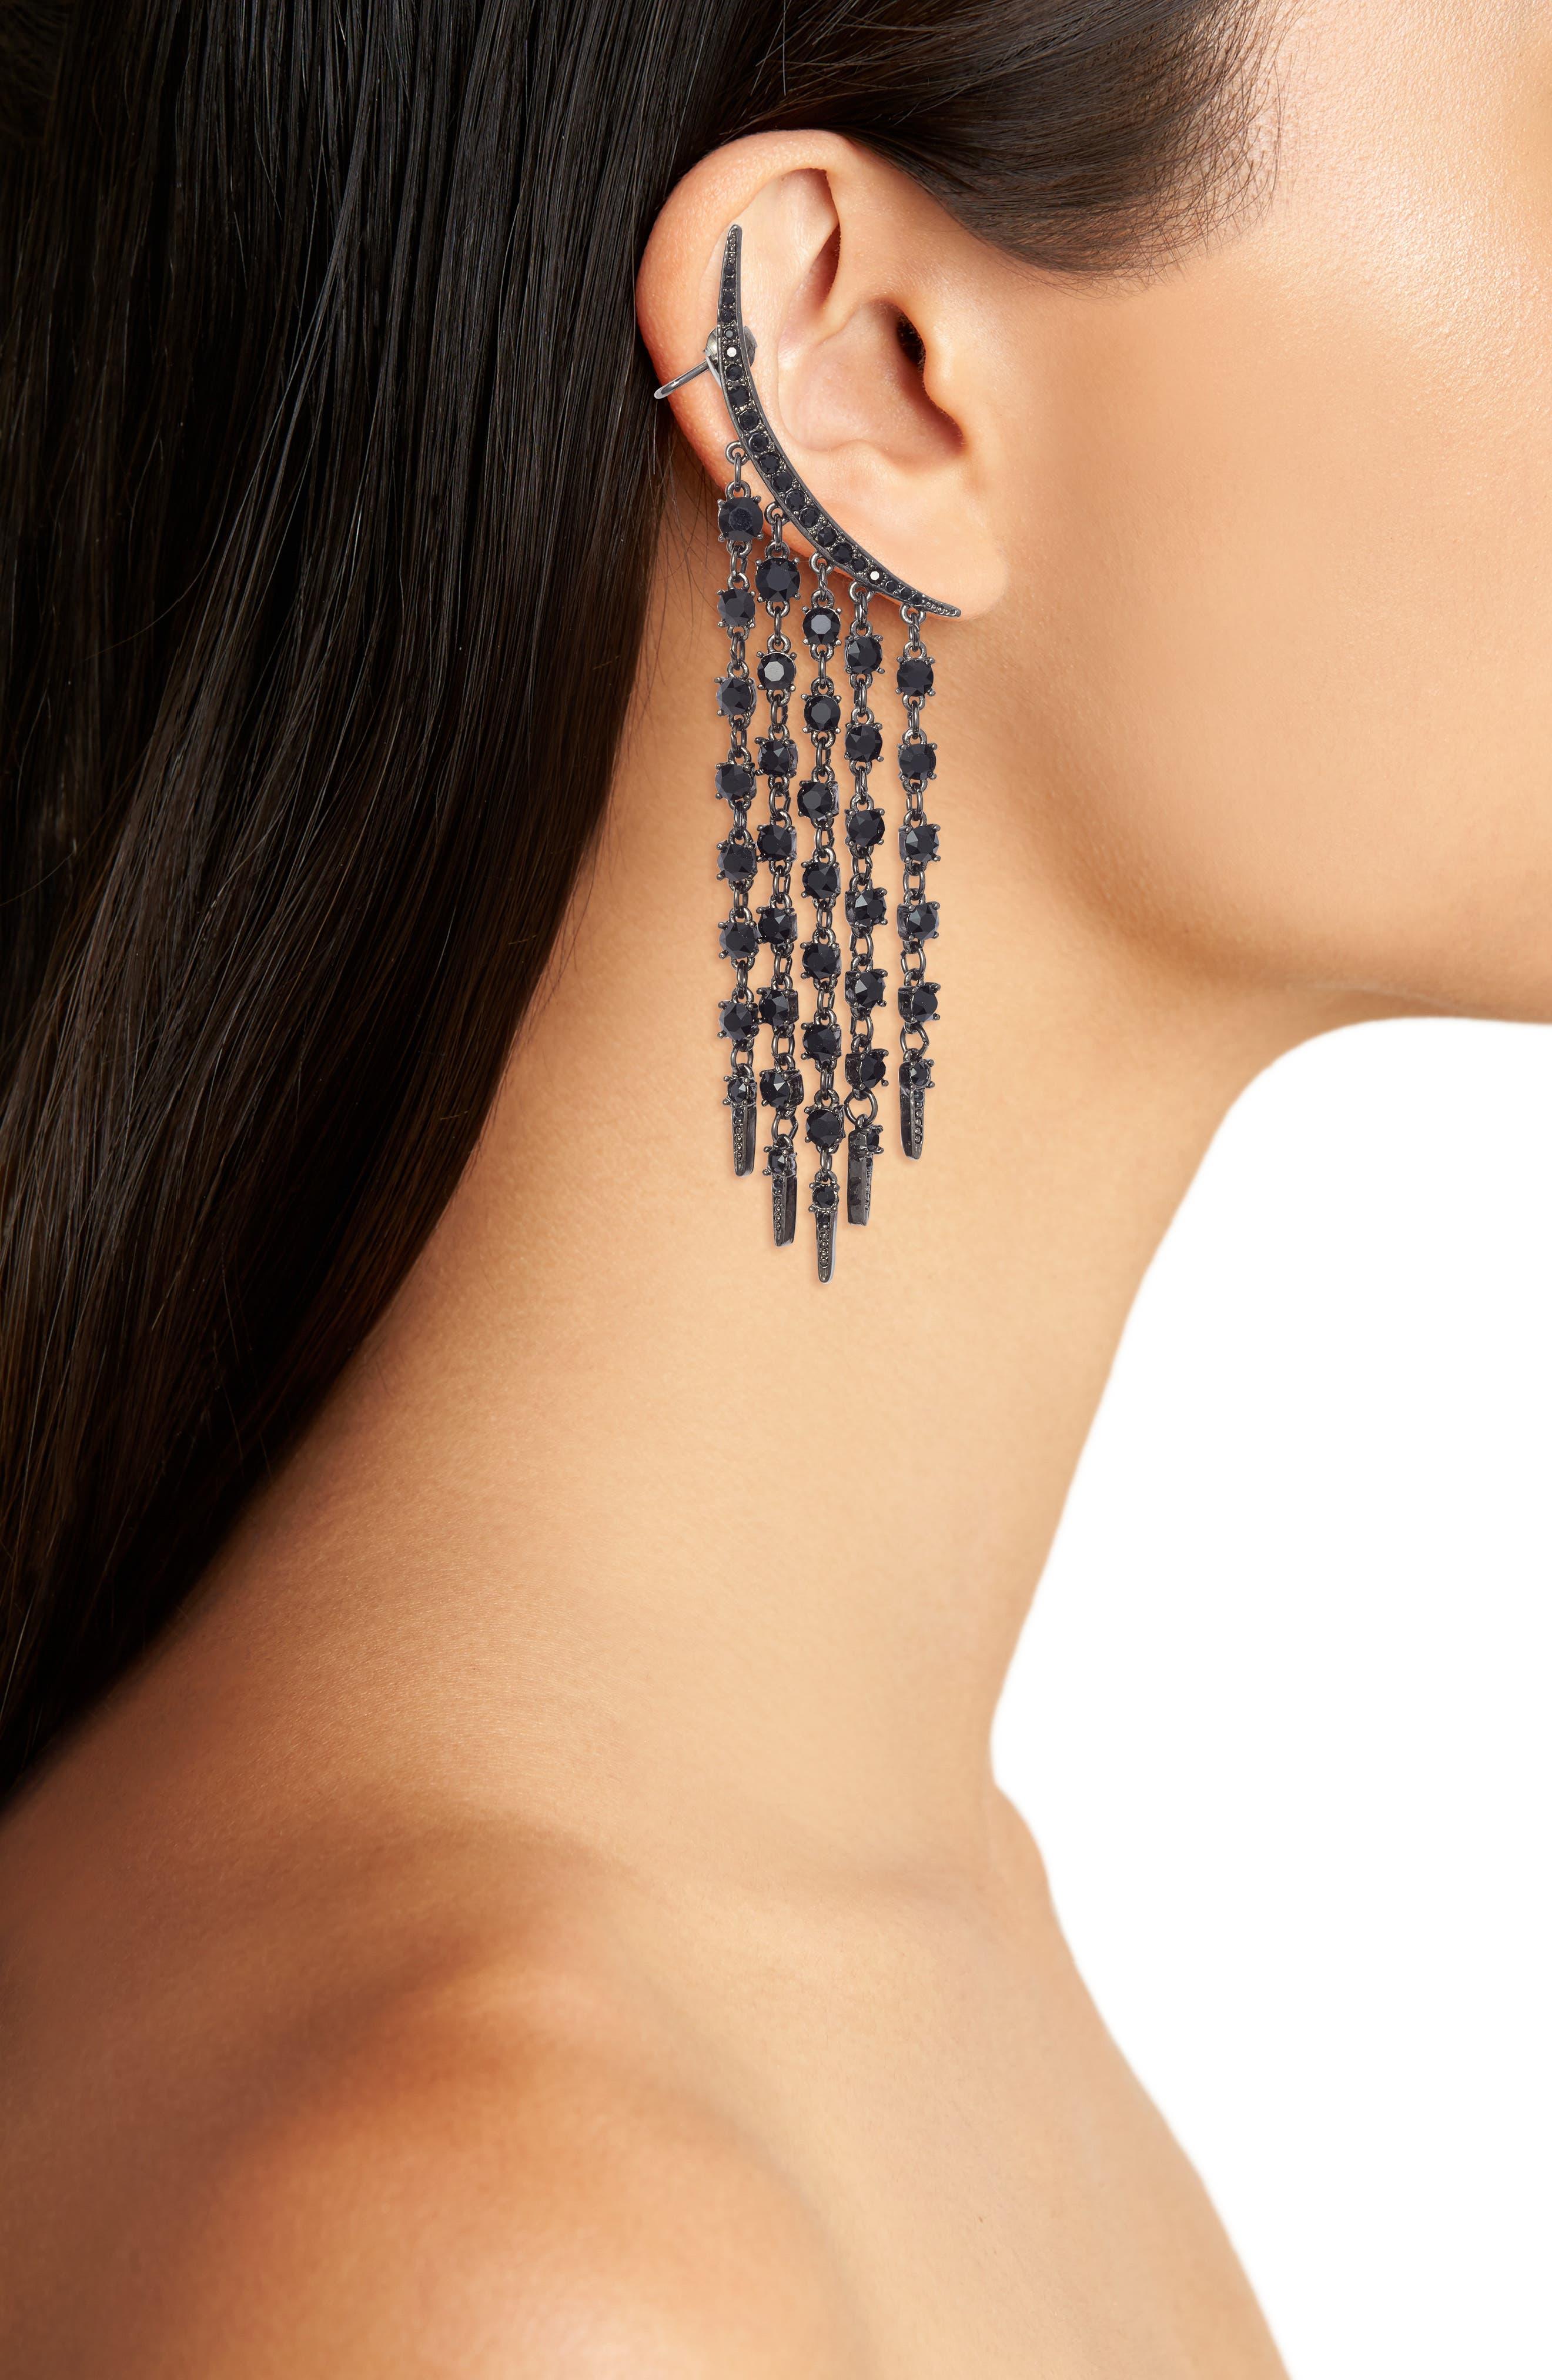 Tendril Crystal Earrings,                             Alternate thumbnail 2, color,                             Black Jet